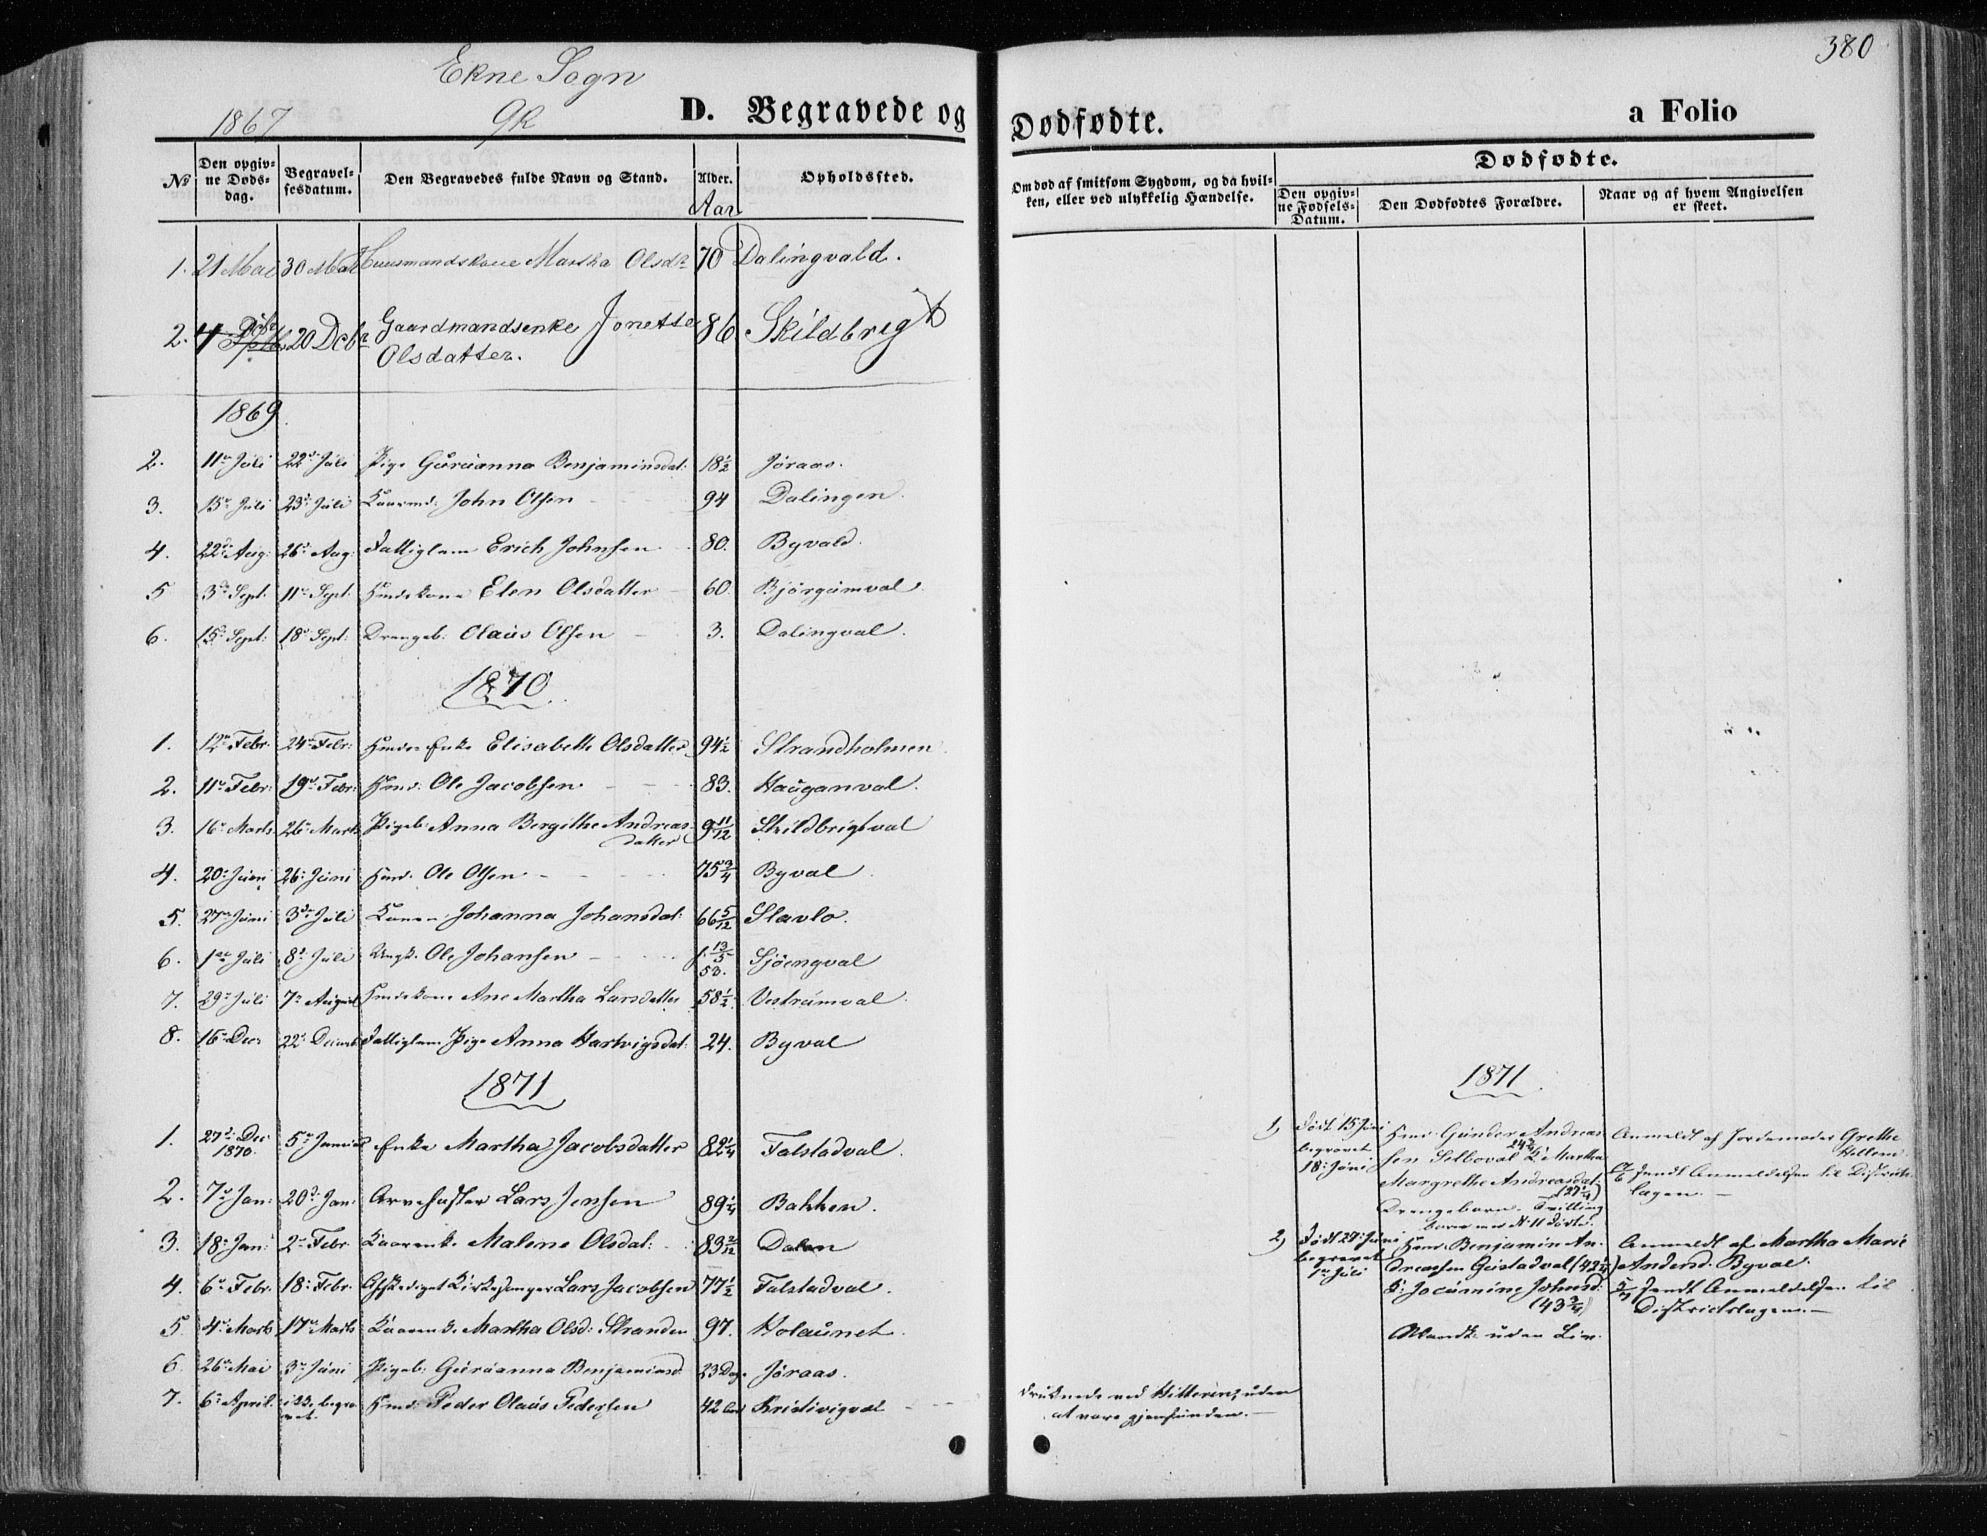 SAT, Ministerialprotokoller, klokkerbøker og fødselsregistre - Nord-Trøndelag, 717/L0158: Ministerialbok nr. 717A08 /2, 1863-1877, s. 380